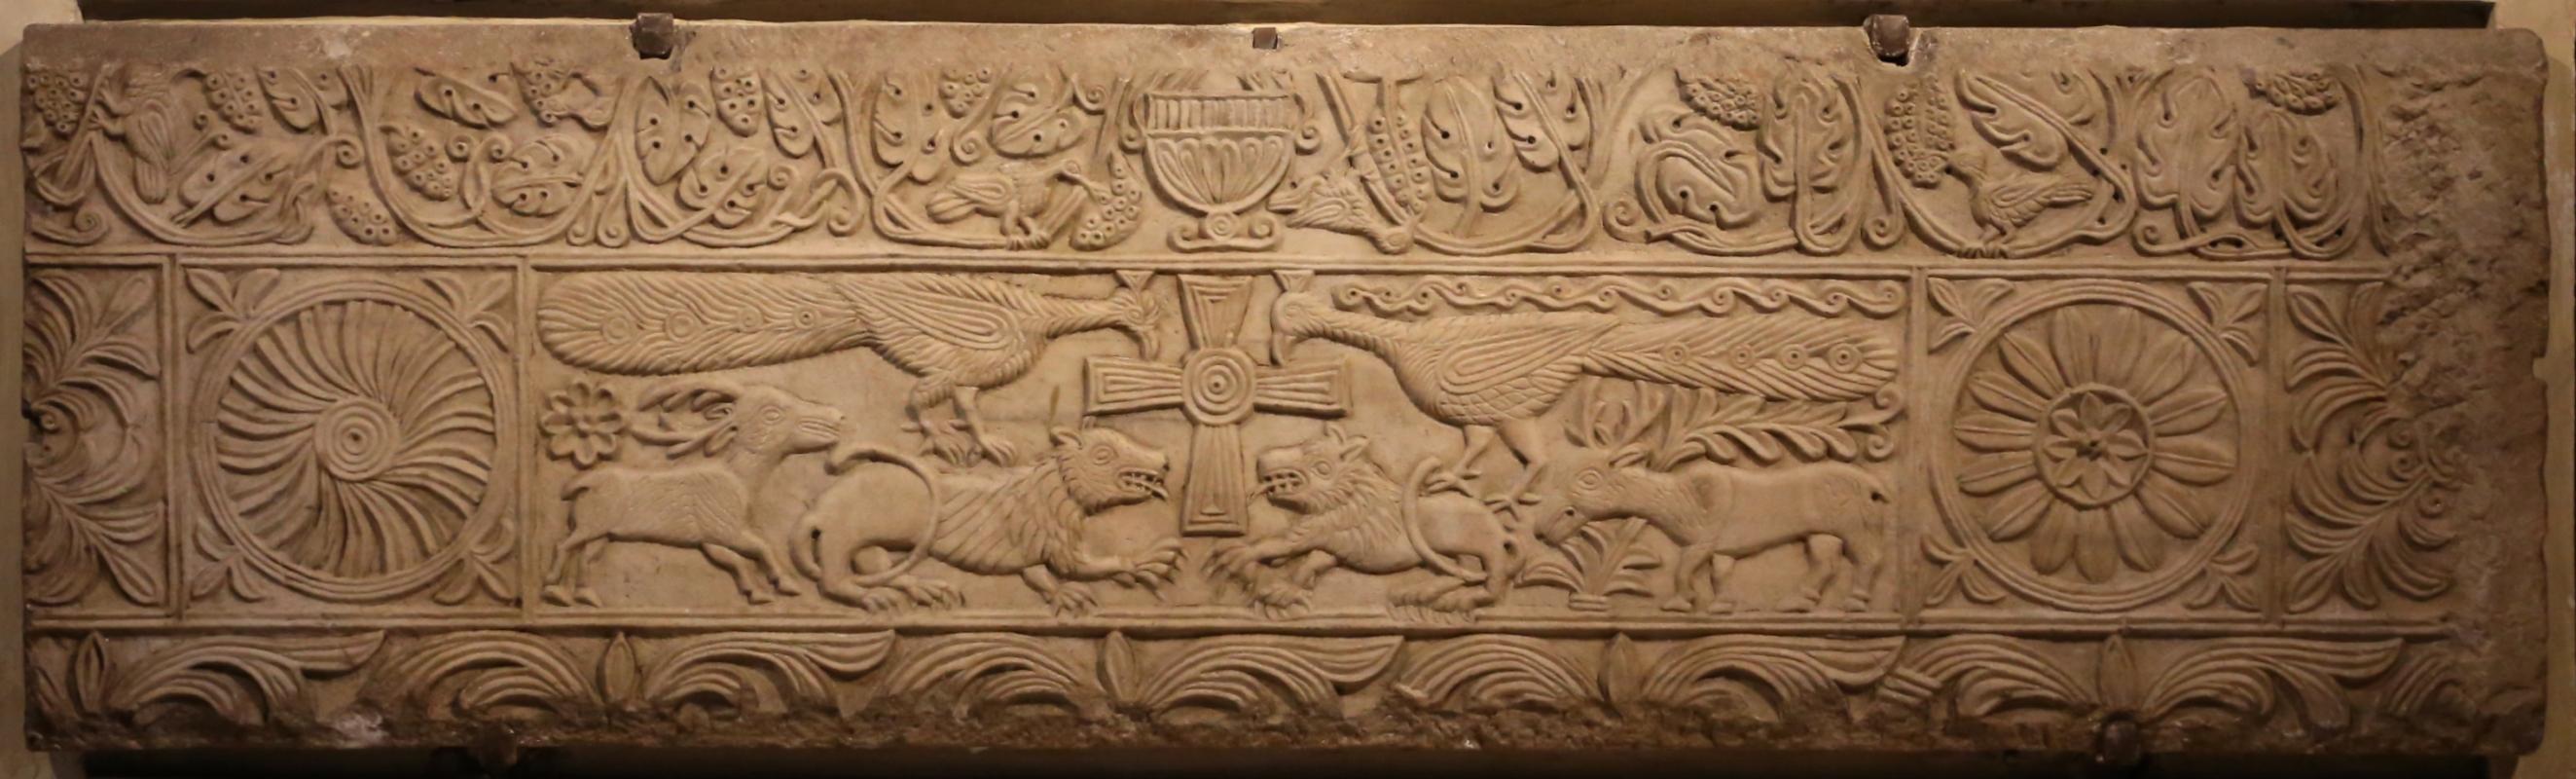 Lastra con la croce e animali affrontati, ix secolo 2 - Sailko - Modena (MO)